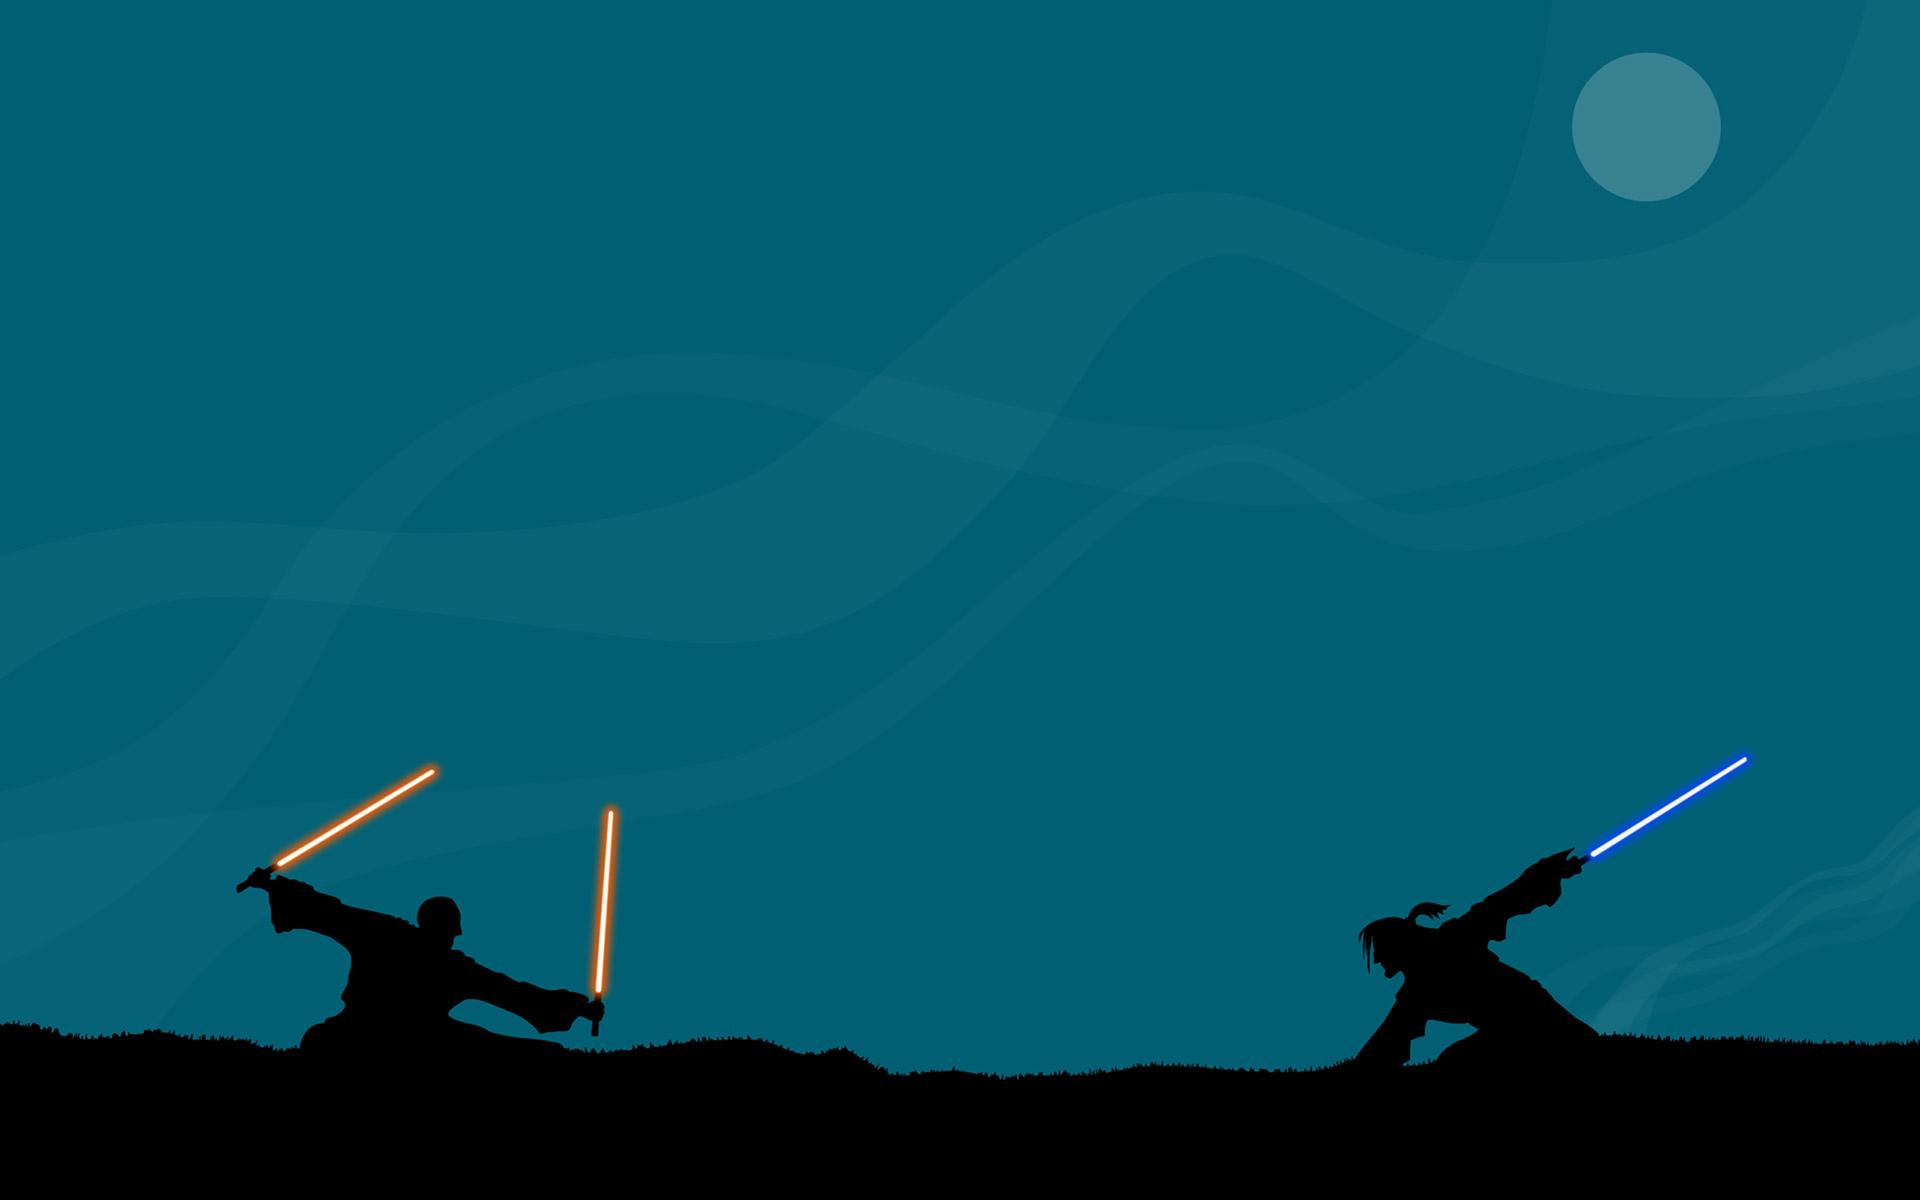 sci fi star wars wallpaper